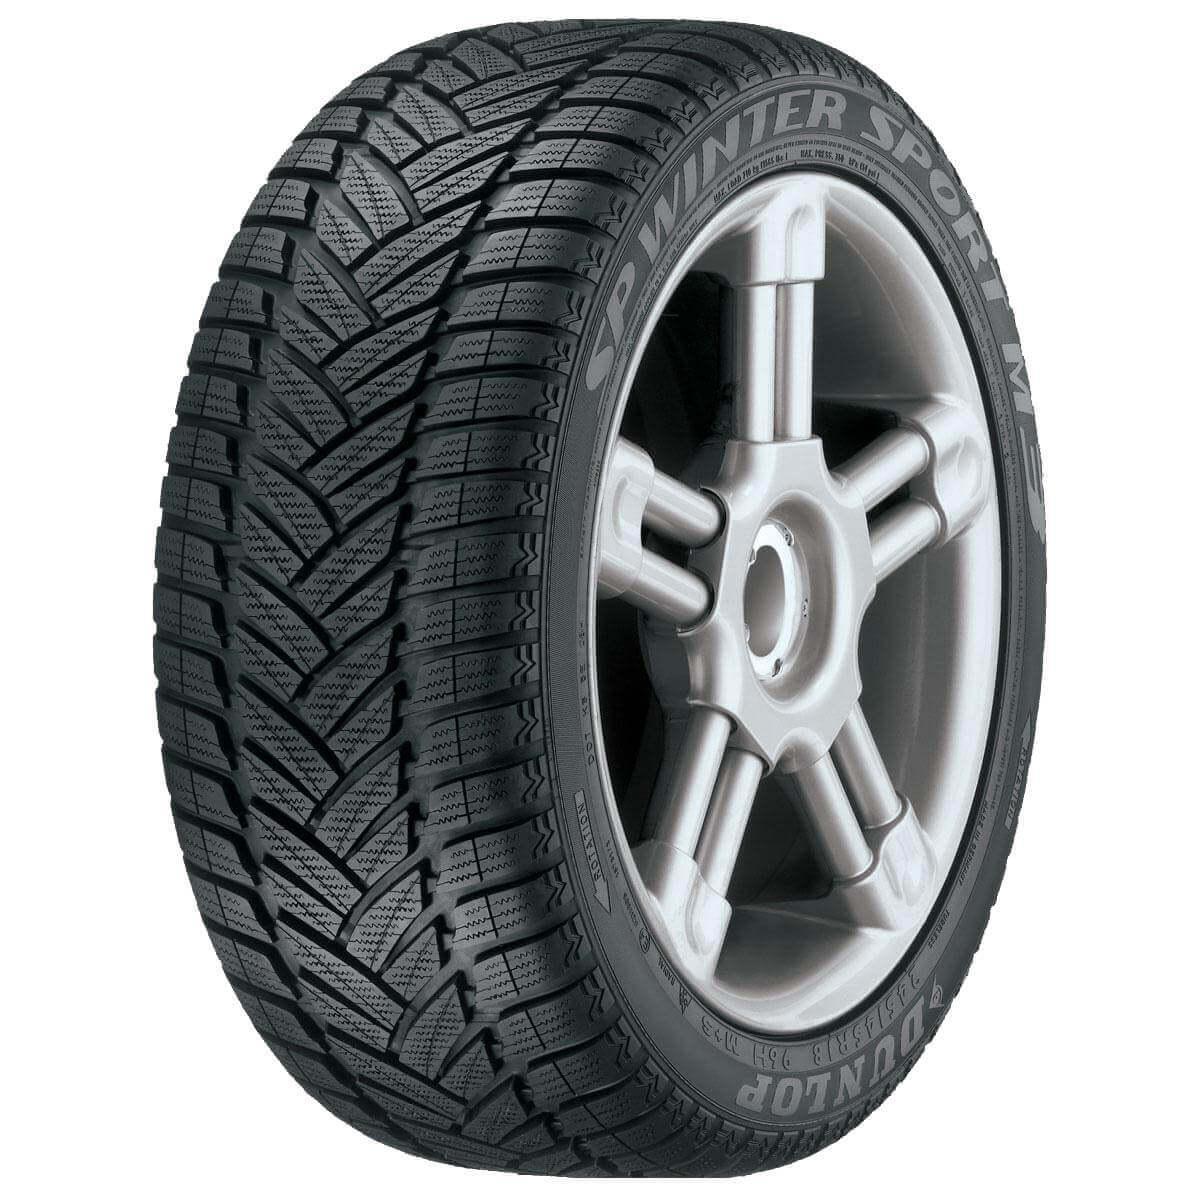 Opony Dunlop Sp Winter Sport M3 Rof 22545 R17 91h Zimowe Wysyłka